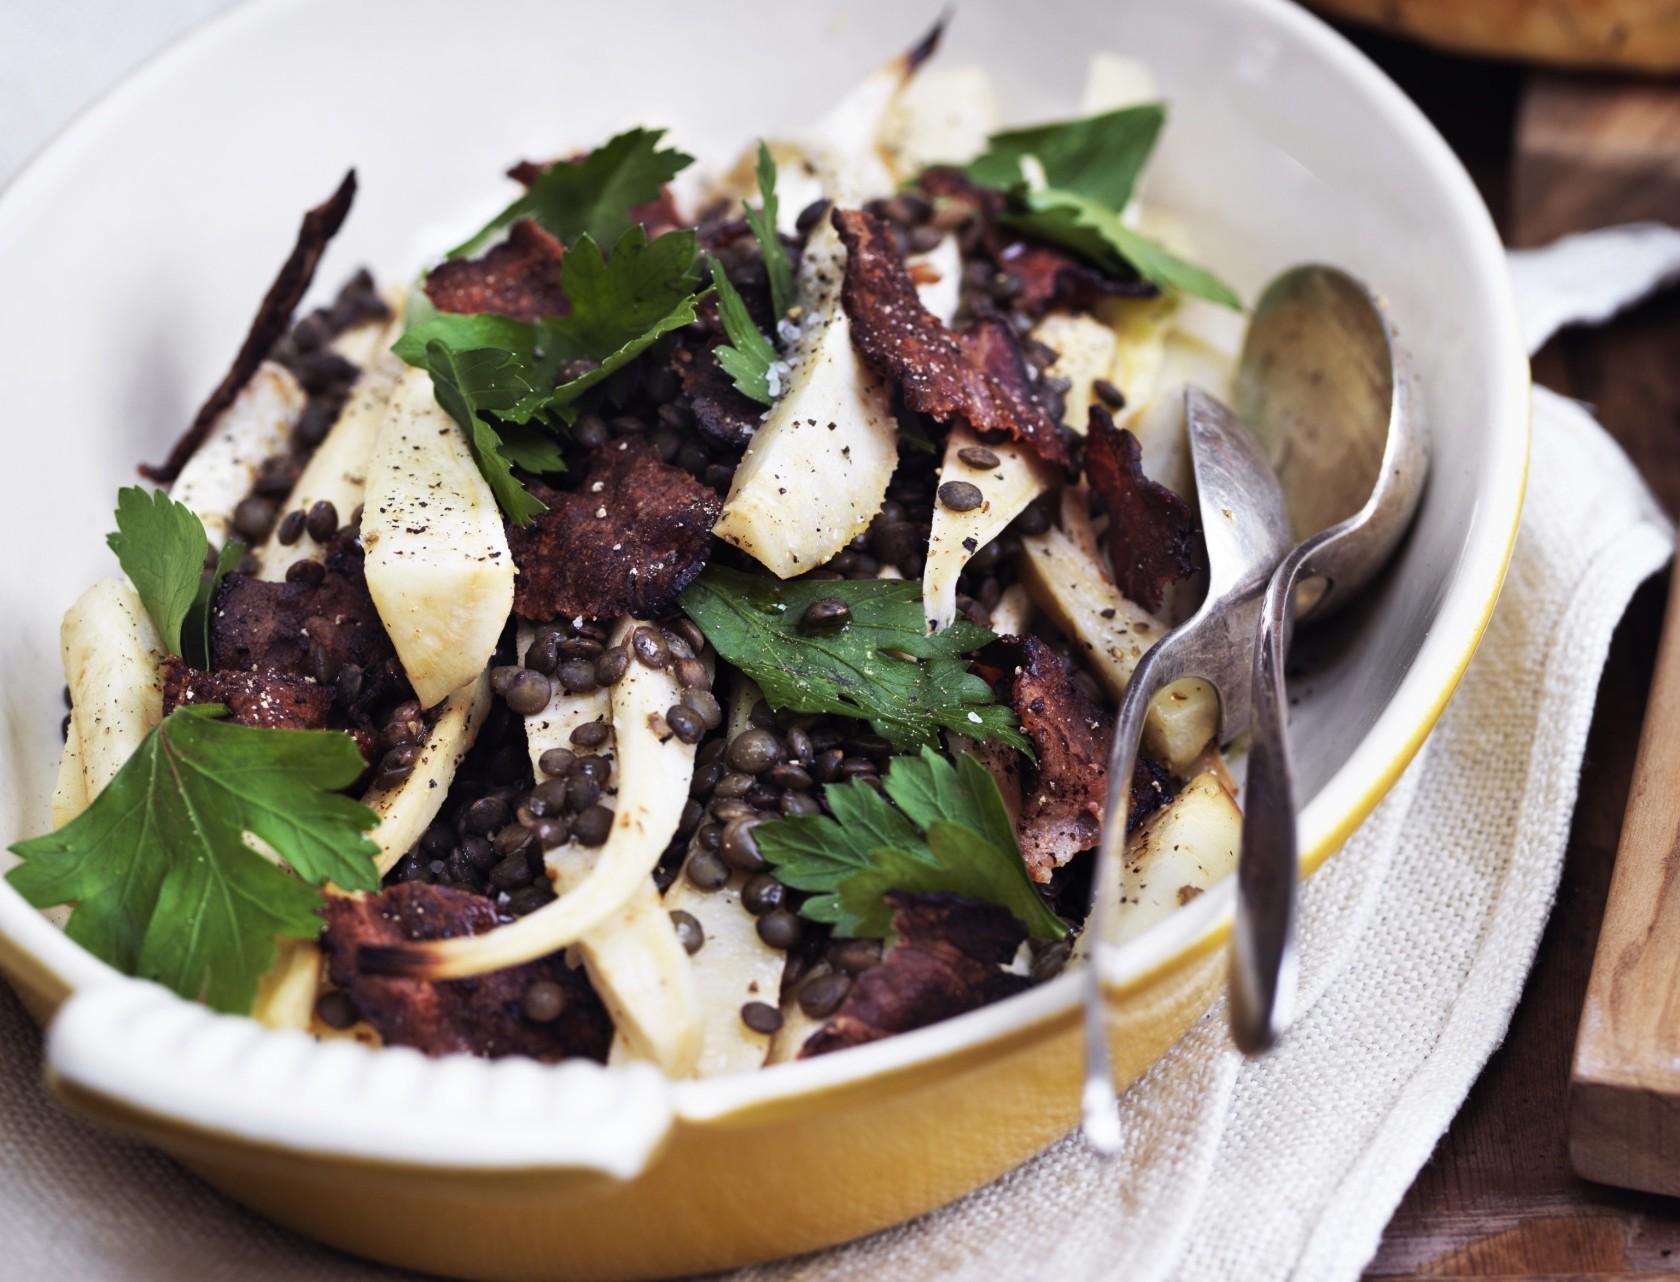 Lun persillerodssalat med linser - fyldigt tilbehør eller et let ret i sig selv.